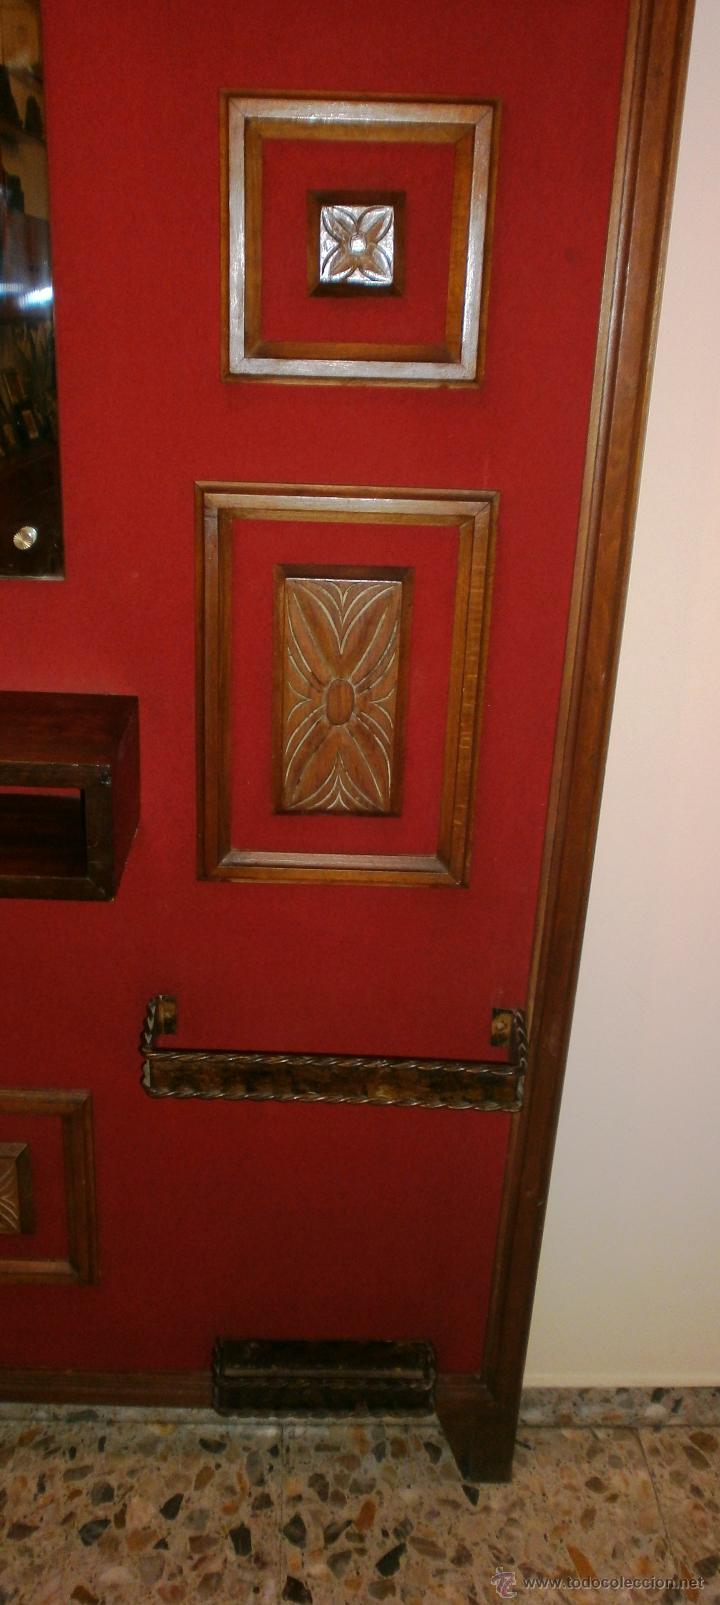 Vintage: Mueble retro recibidor o entrada ambiente rústico y/o montaña - Foto 8 - 52310969